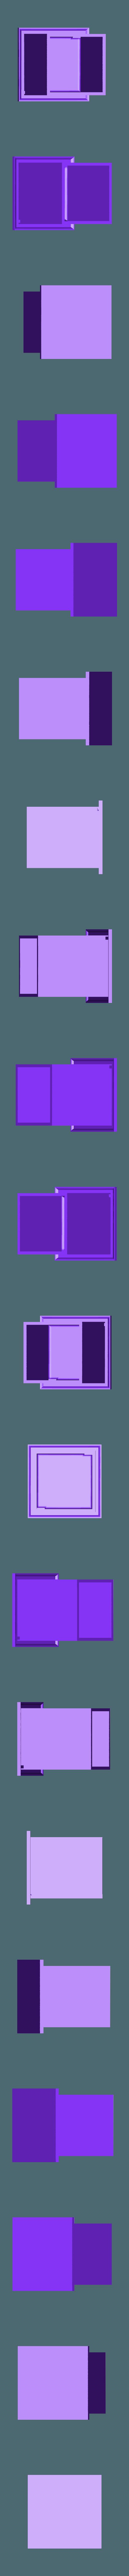 ZastavanPlanter.stl Télécharger fichier STL gratuit Jardinière Zastavans Cubey • Design imprimable en 3D, Zastavan